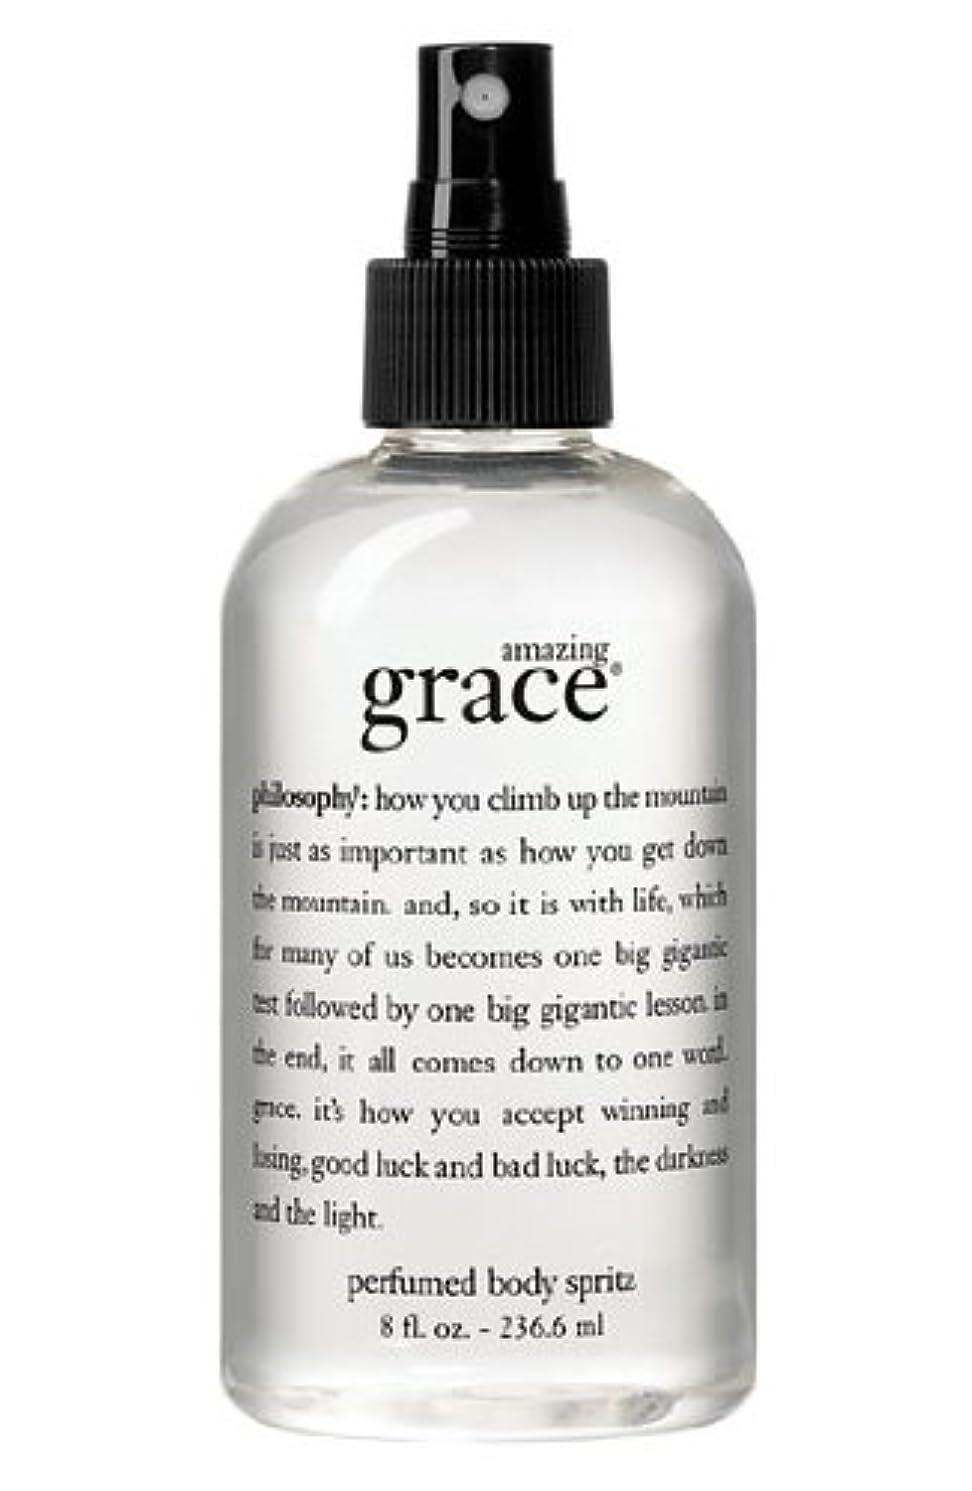 債務者ピンクアカデミーamazing grace perfumed body spritz (アメイジング グレイス パフュームドボディースプリッツ) 8.0 oz (240ml) for Women